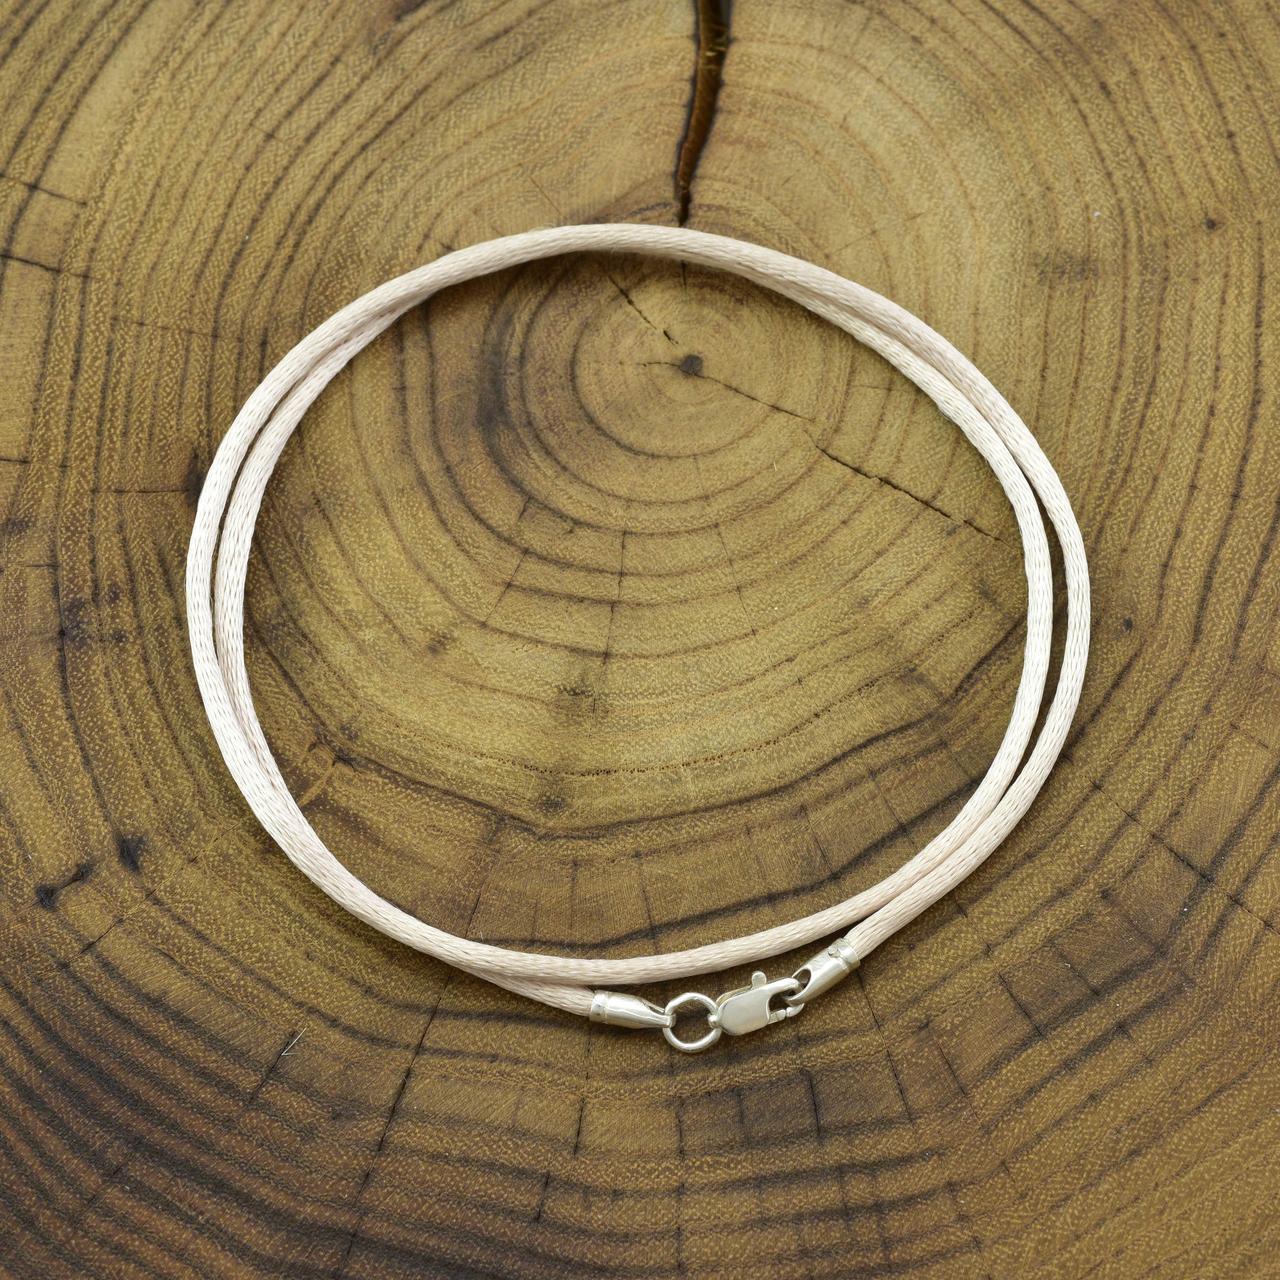 Шнурок шелковый цвет светло-бежевый длина 35 см ширина 2 мм вес серебра 0.7 г